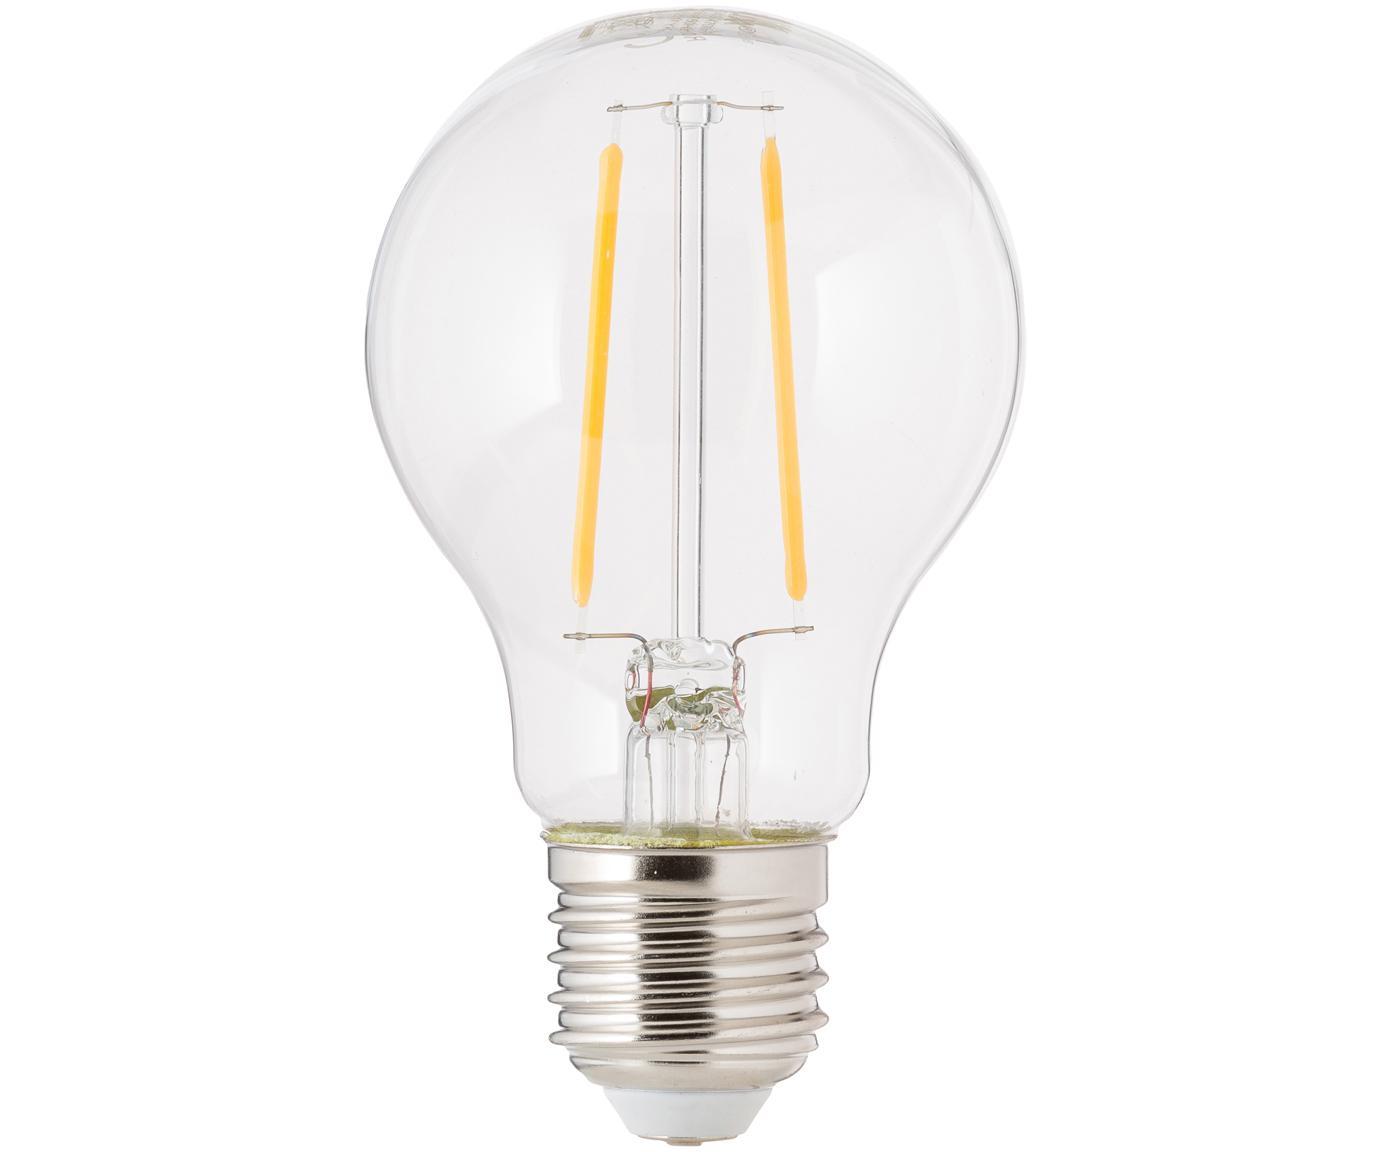 LED lamp Humiel (E27 / 4W), Peertje: glas, Fitting: aluminium, Transparant, Ø 8 x H 10 cm